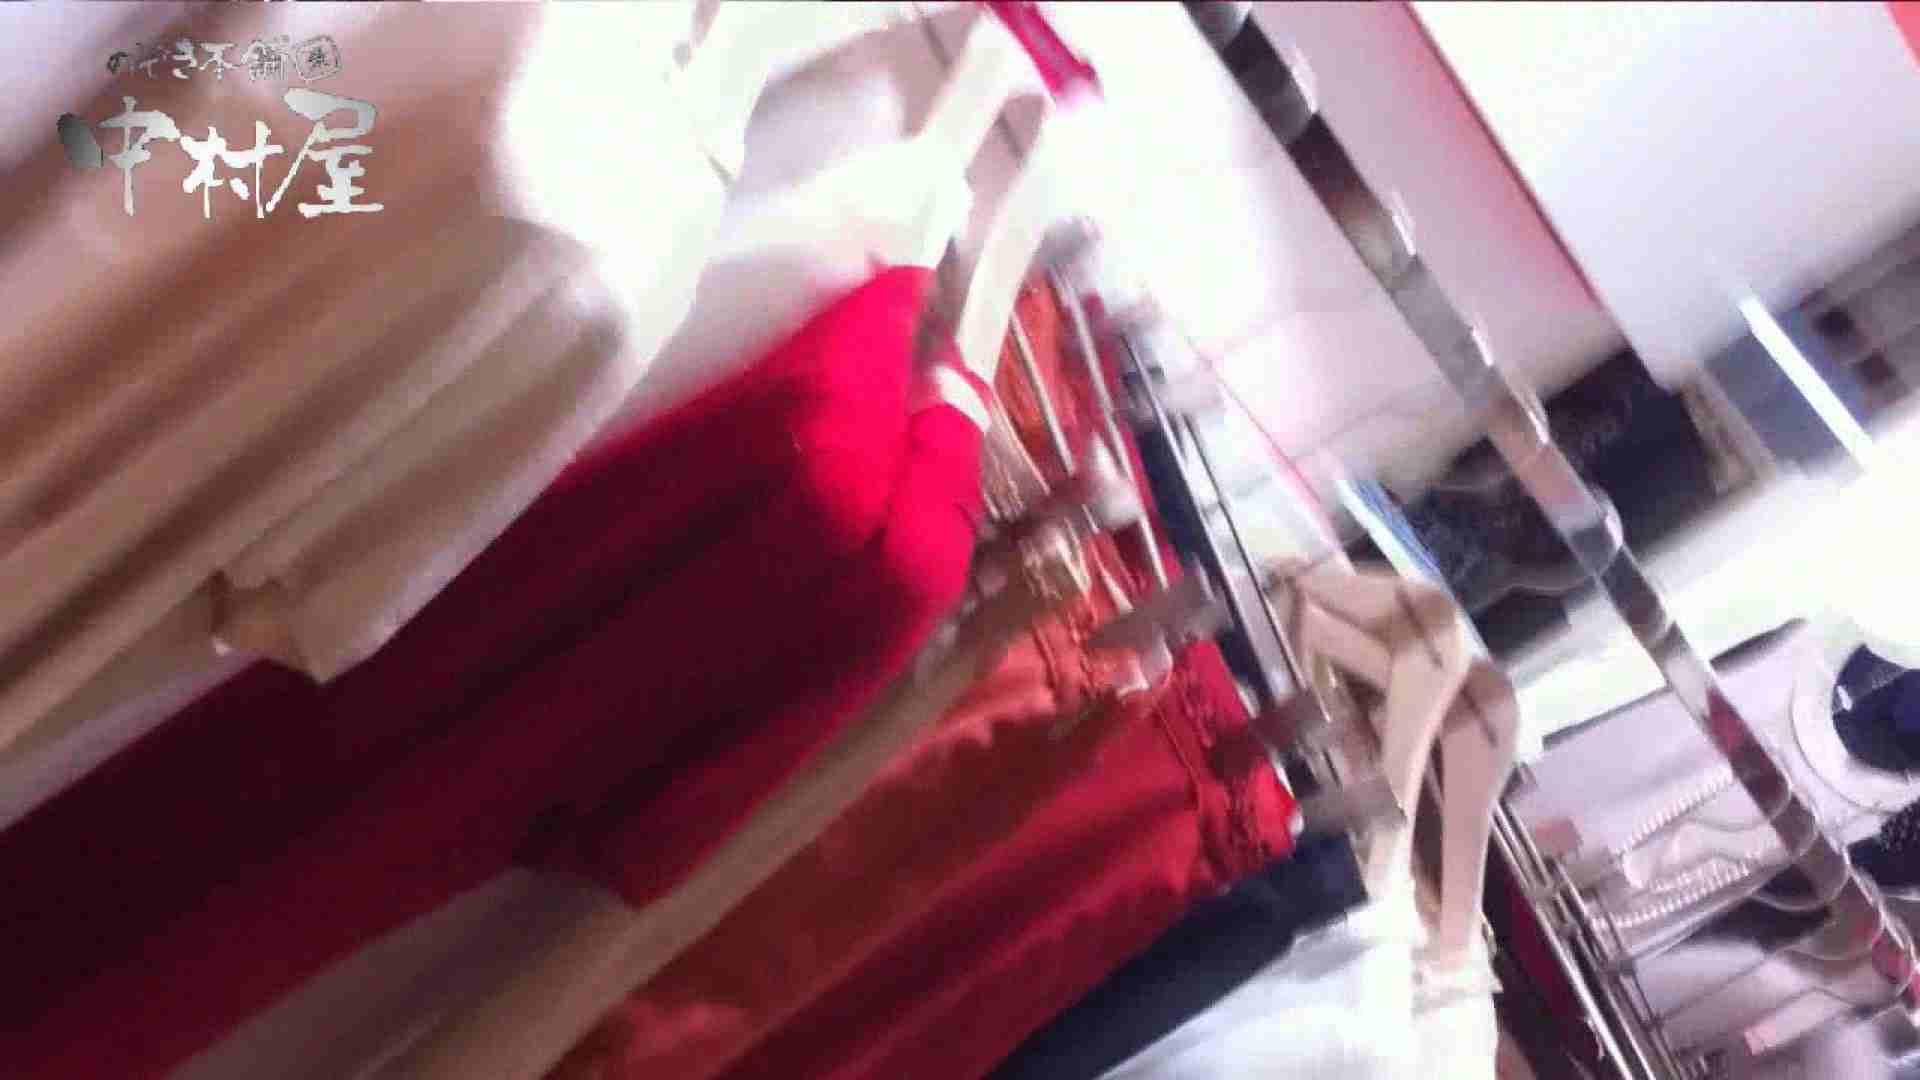 vol.48可愛いカリスマ店員胸チラ&パンチラ アニメ声の店員さん 接写 覗きオメコ動画キャプチャ 110画像 18